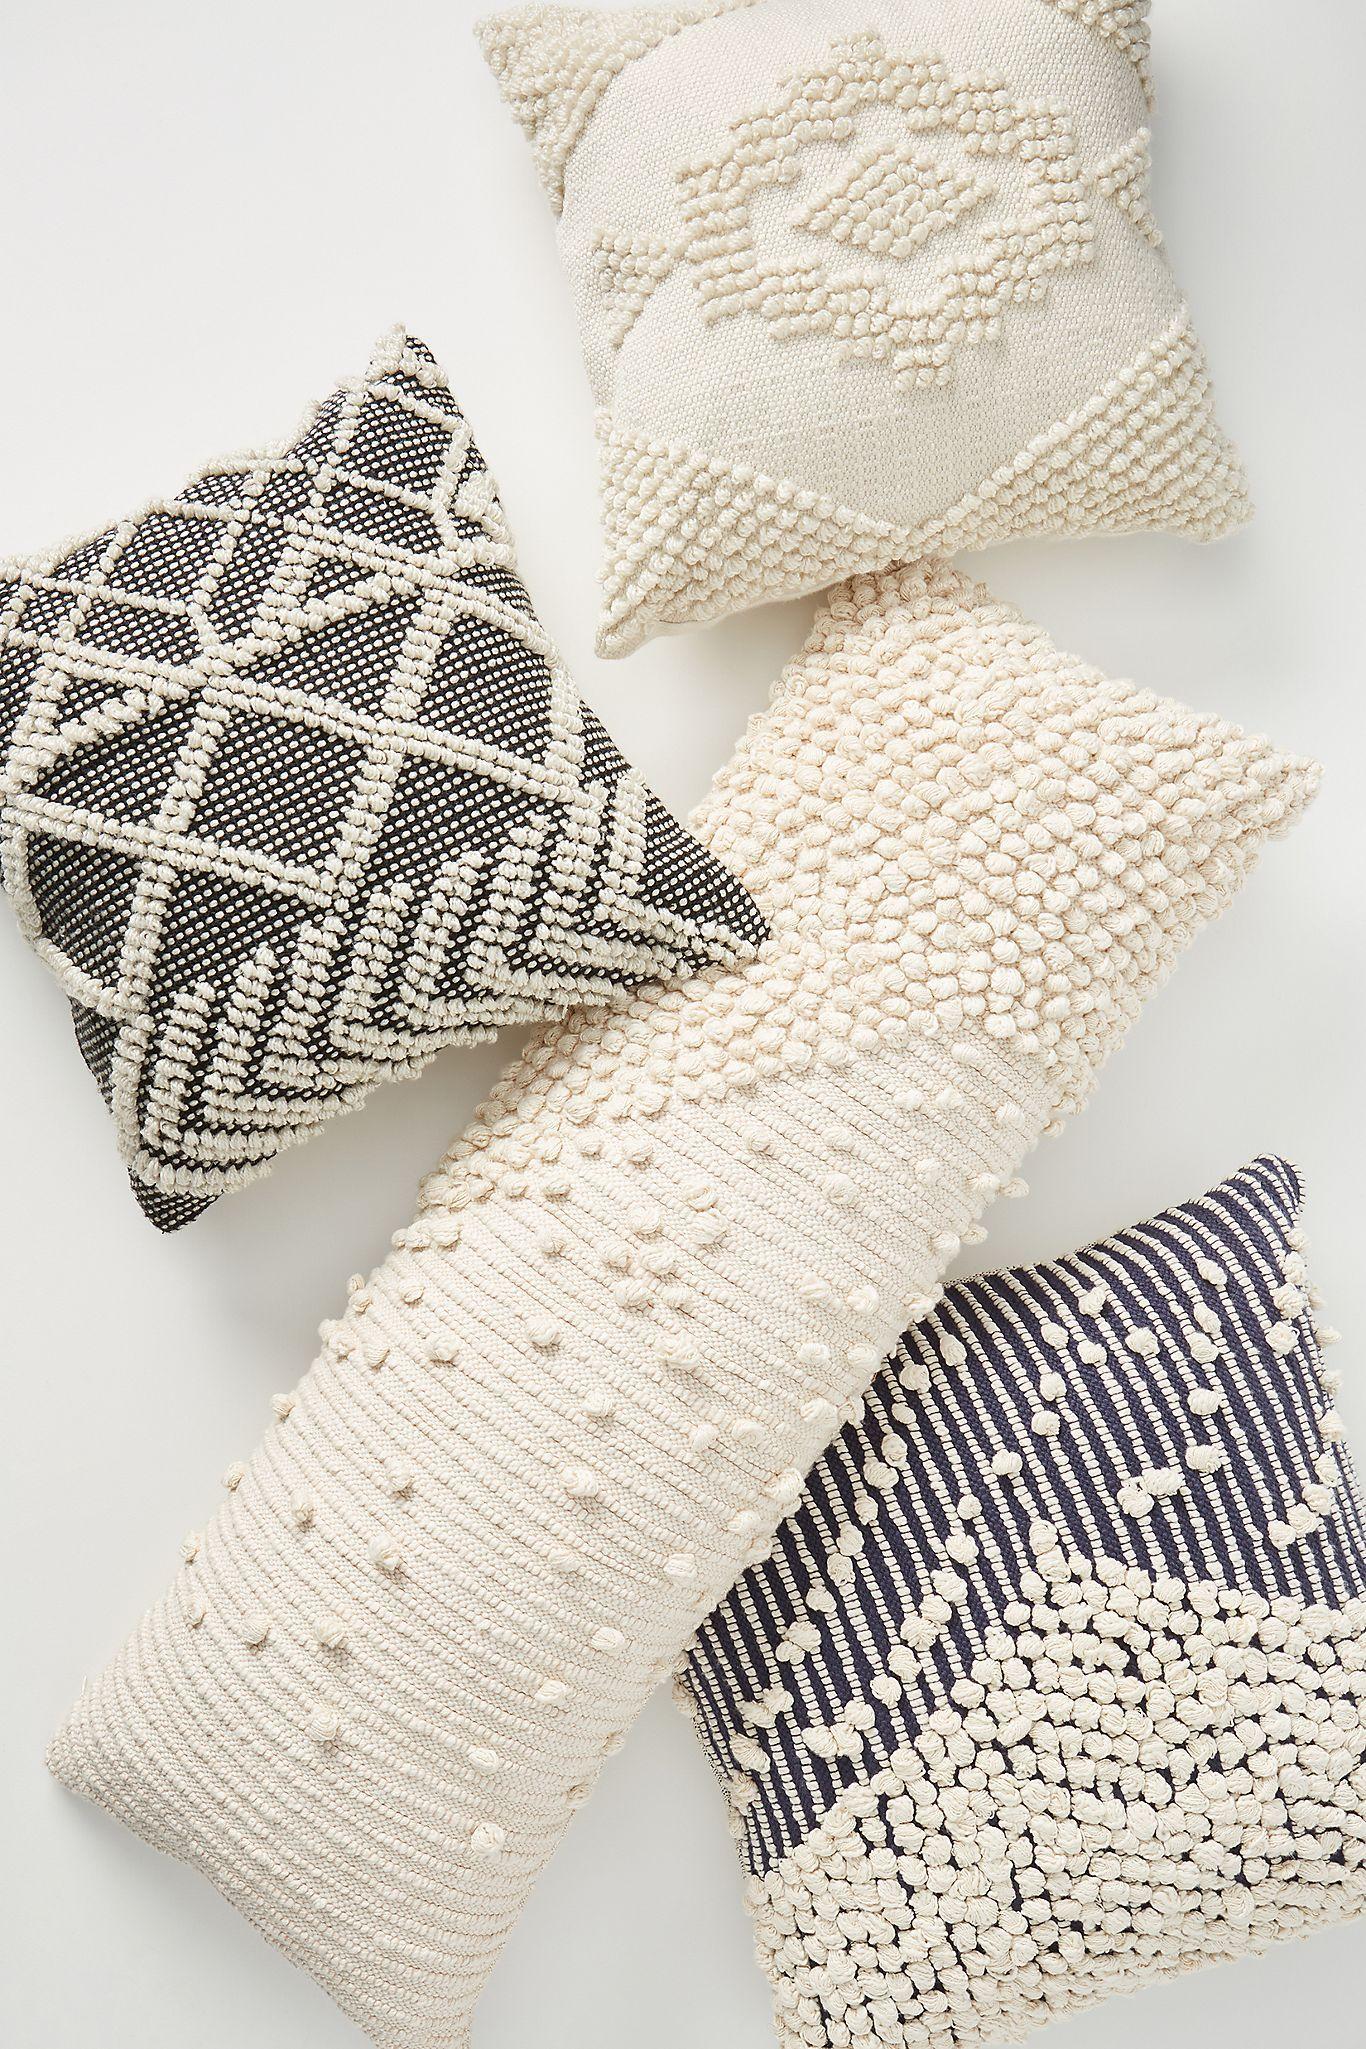 Bianca Indoor Outdoor Pillow Anthropologie Outdoor Pillows Indoor Outdoor Pillows Home Decor Sale